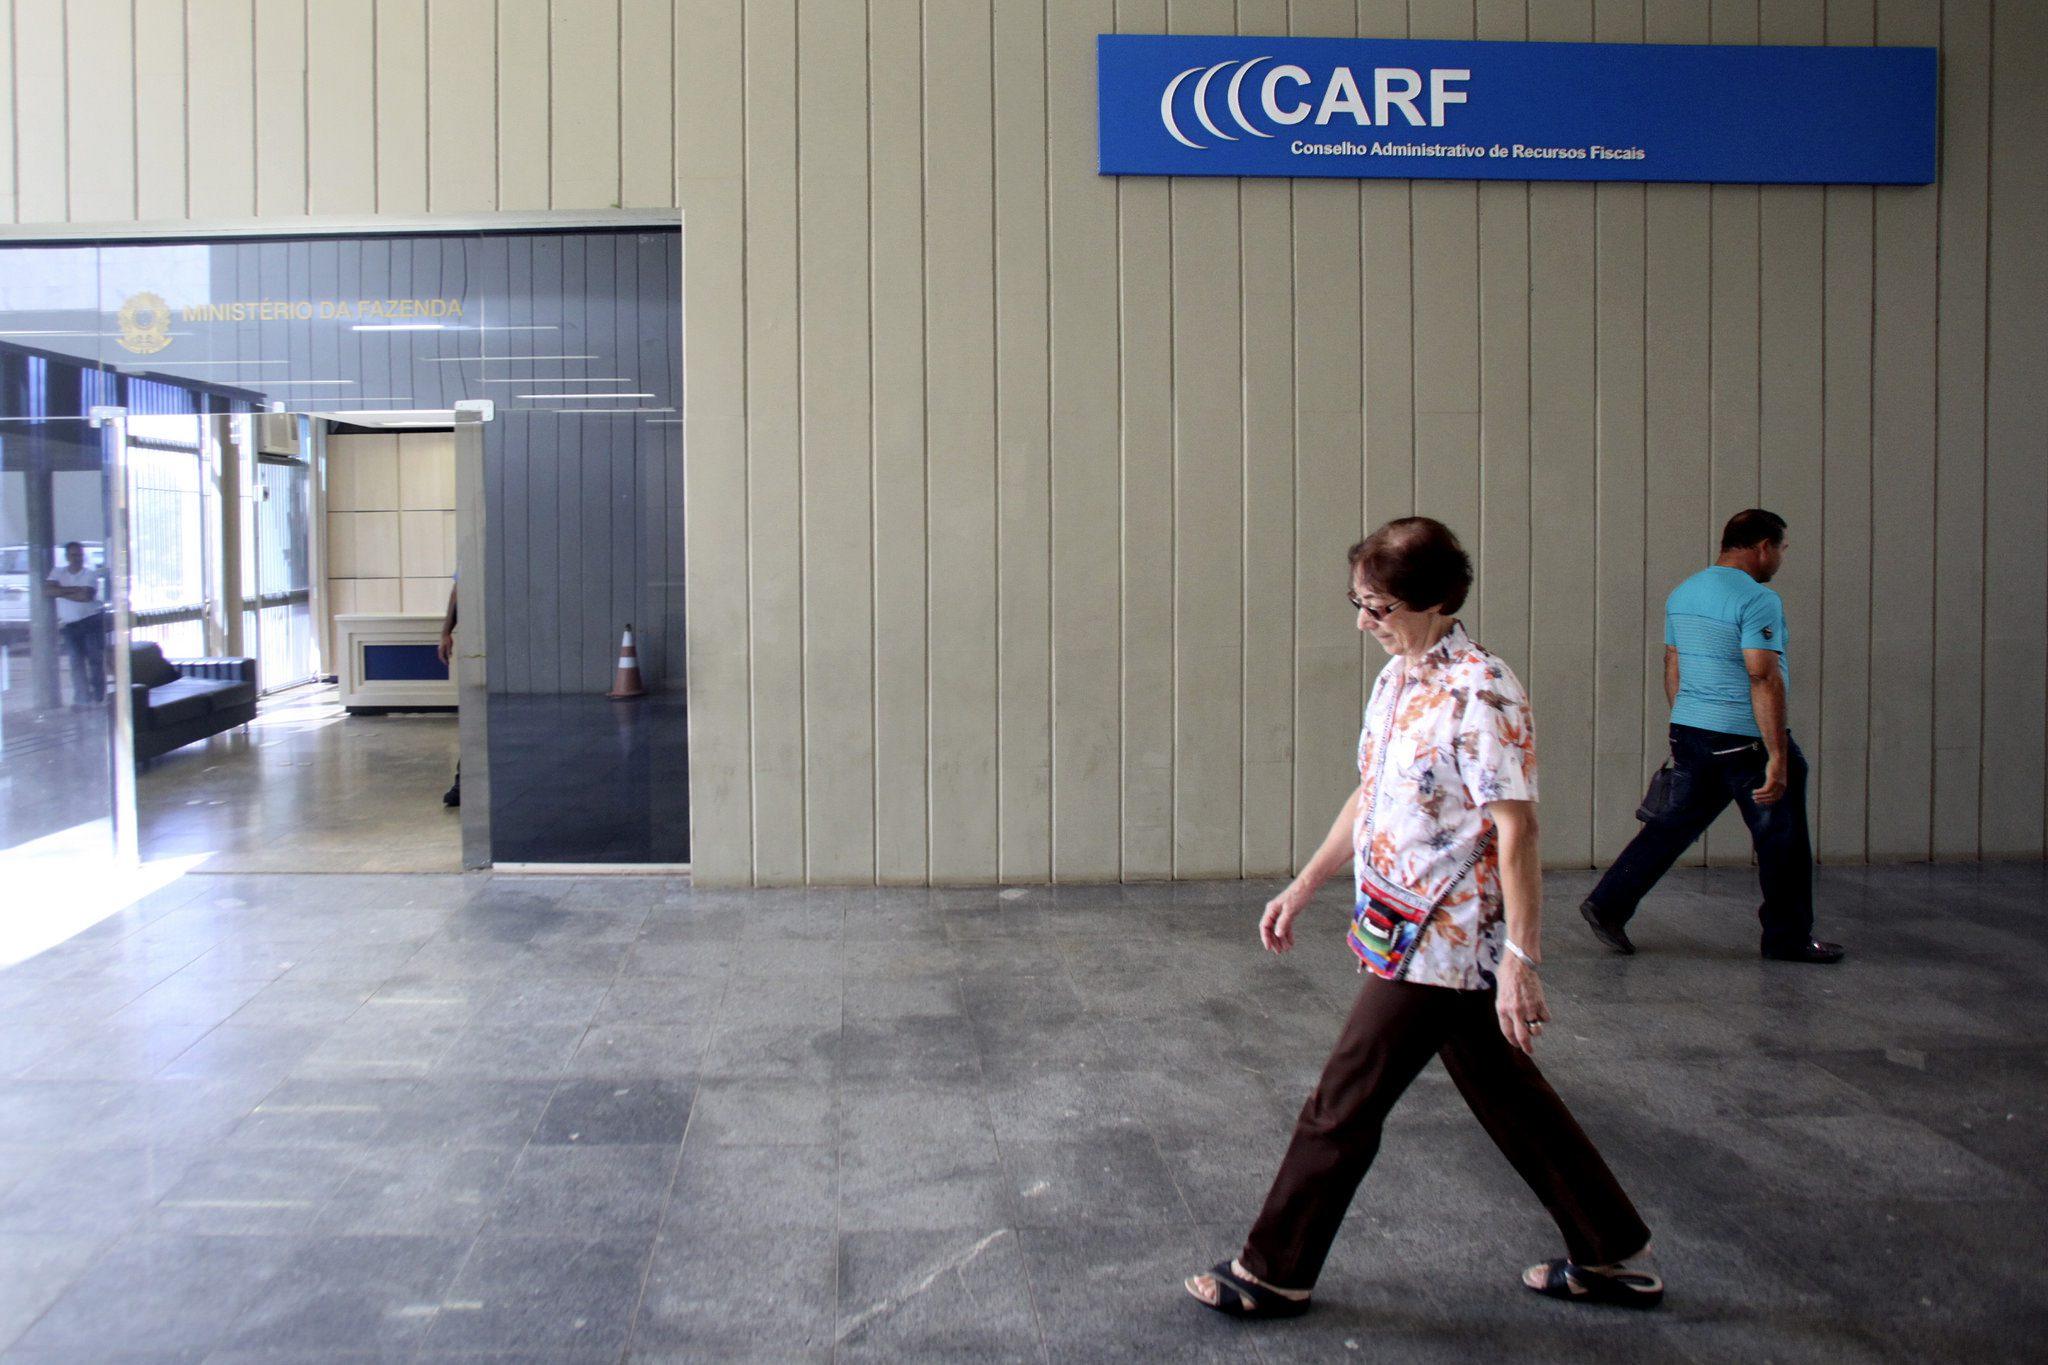 Carf julgamento redução de capital